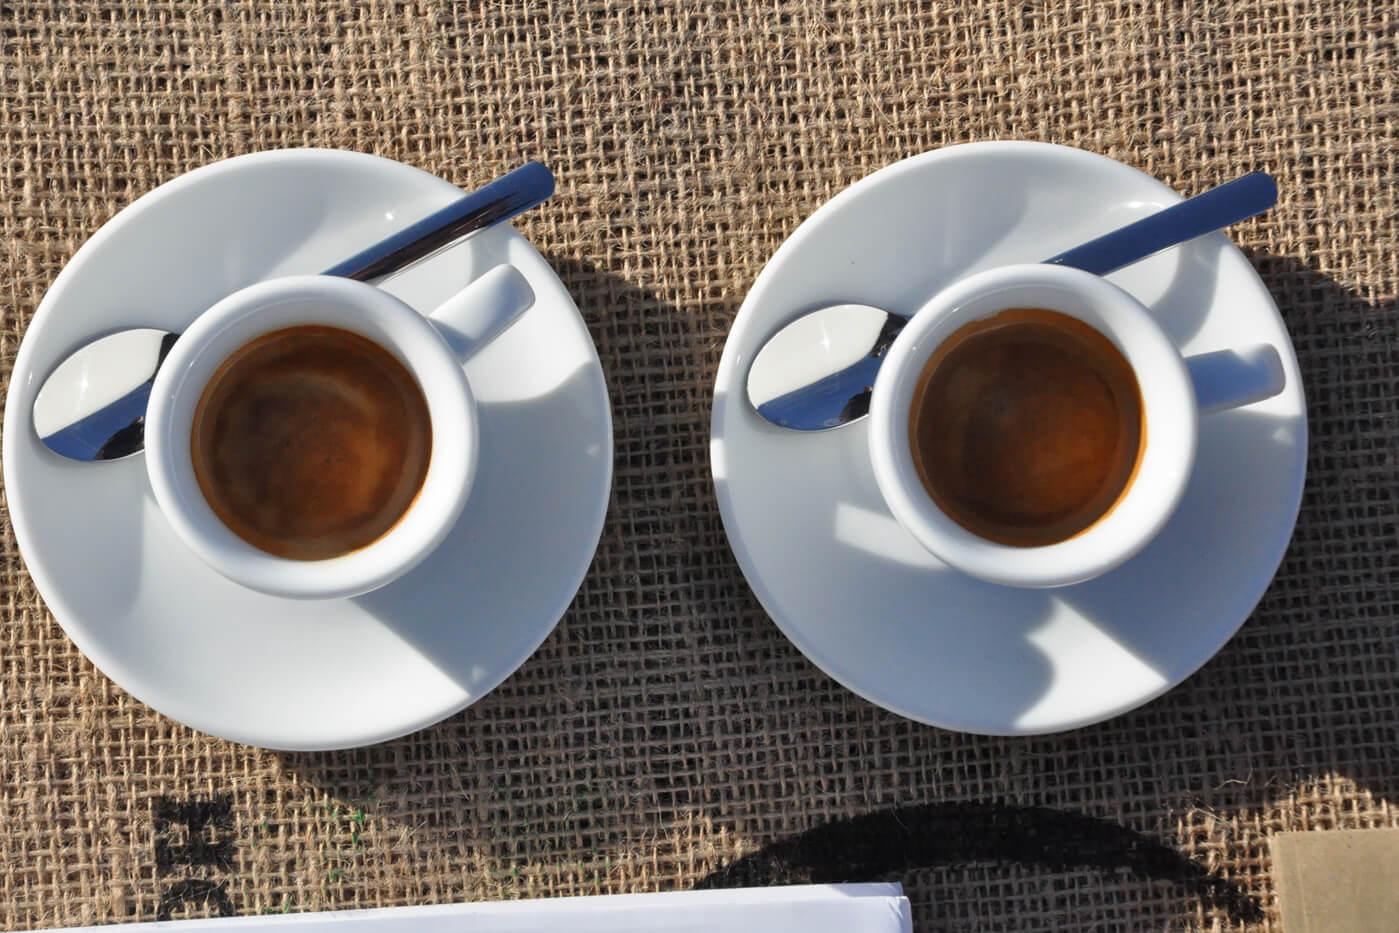 Espresso Kaffeegenuss in 2 Tassen